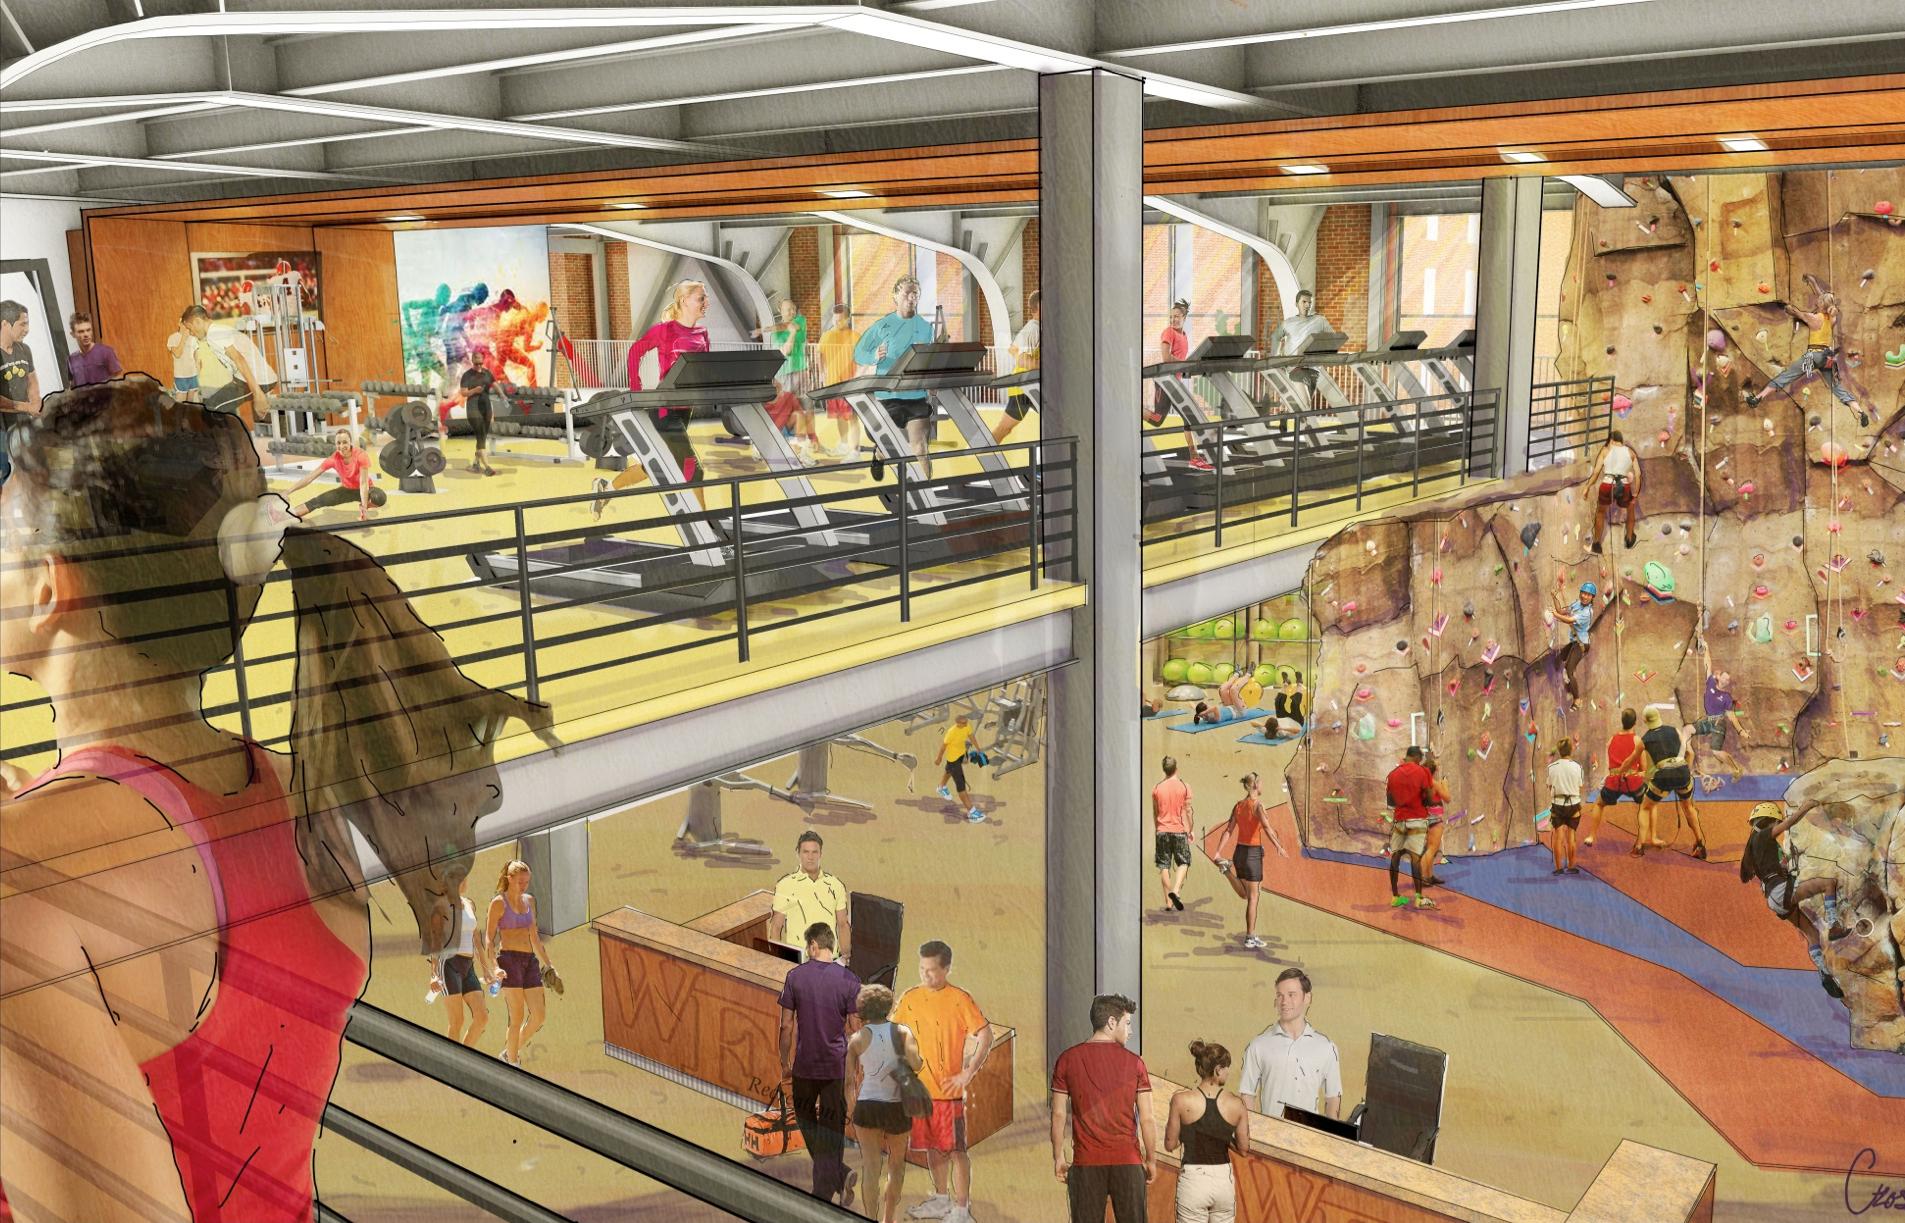 Reynolds gym rendering